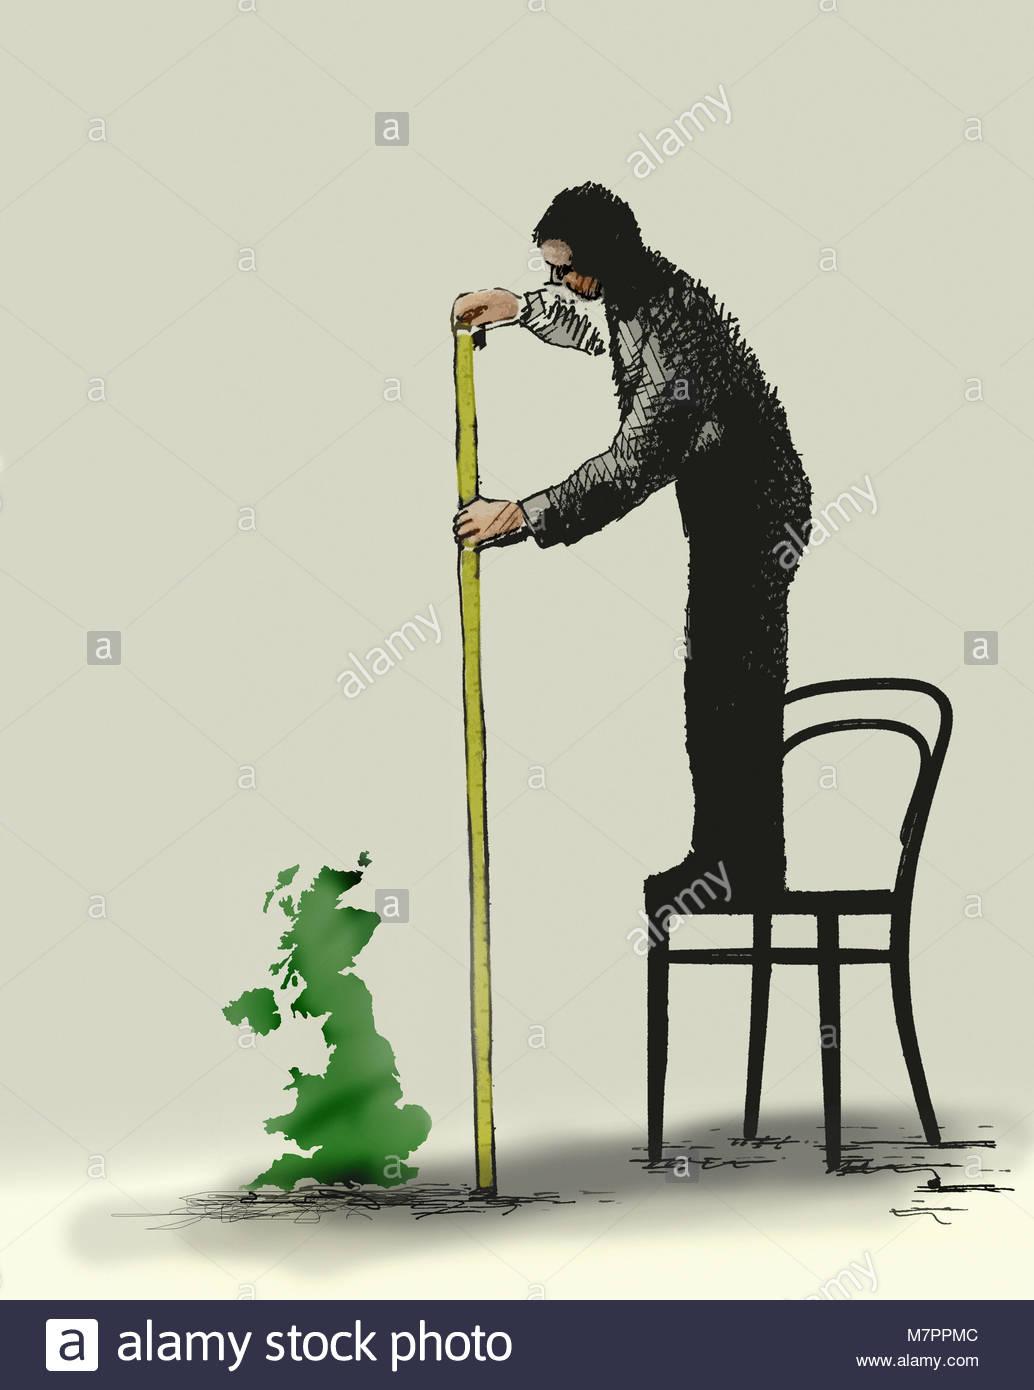 Hombre de pie en una silla de medir el tamaño del pequeño reino unido Imagen De Stock